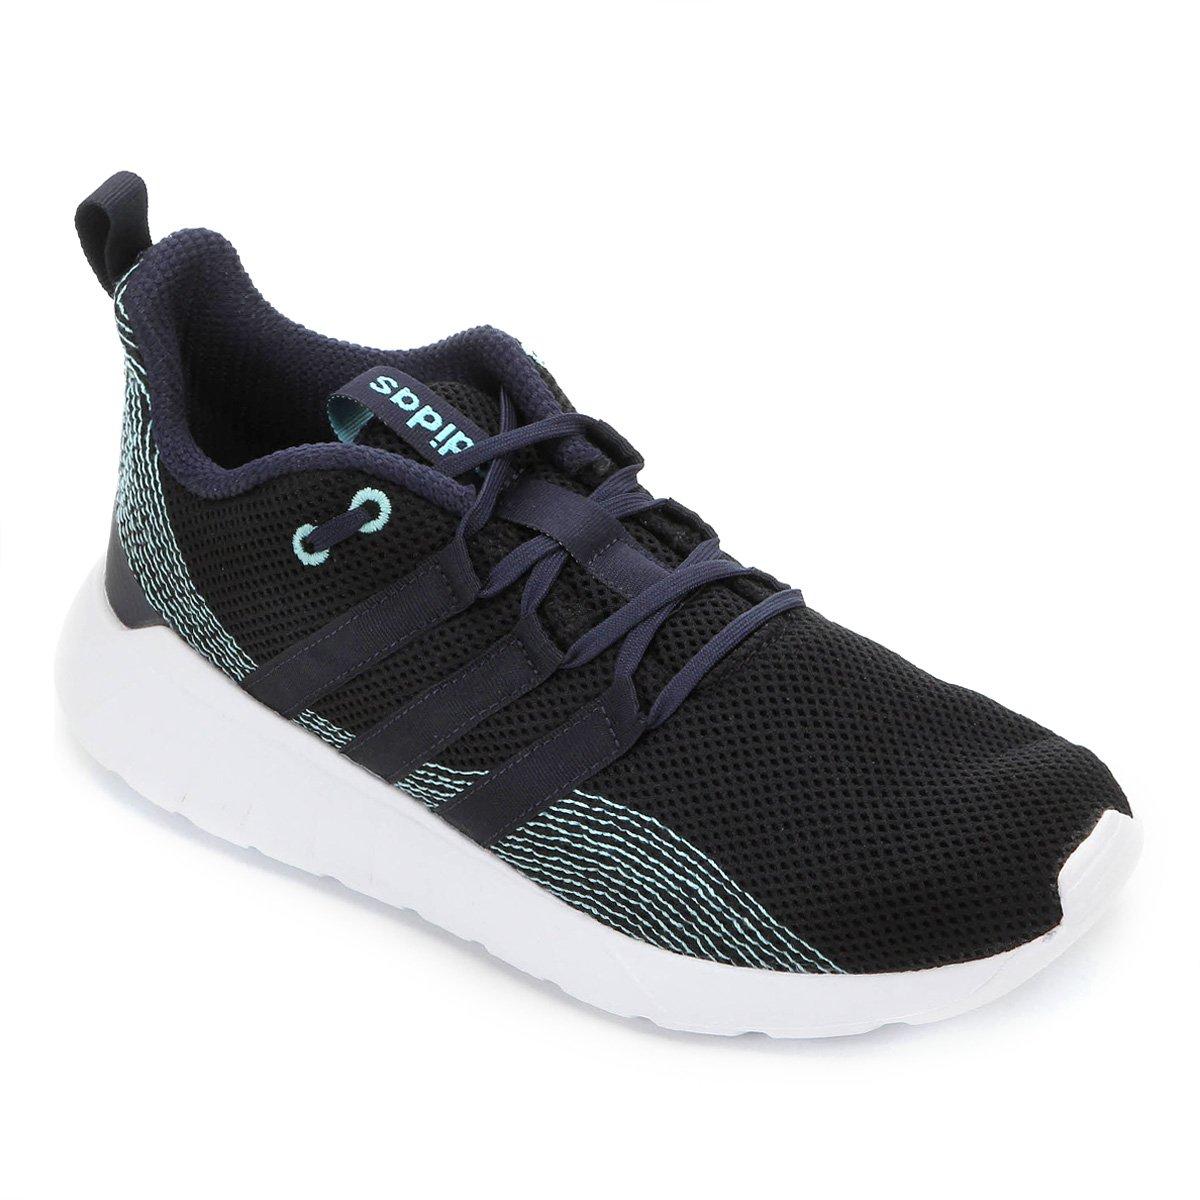 Tênis Adidas Questar Flow Masculino - Preto e Azul